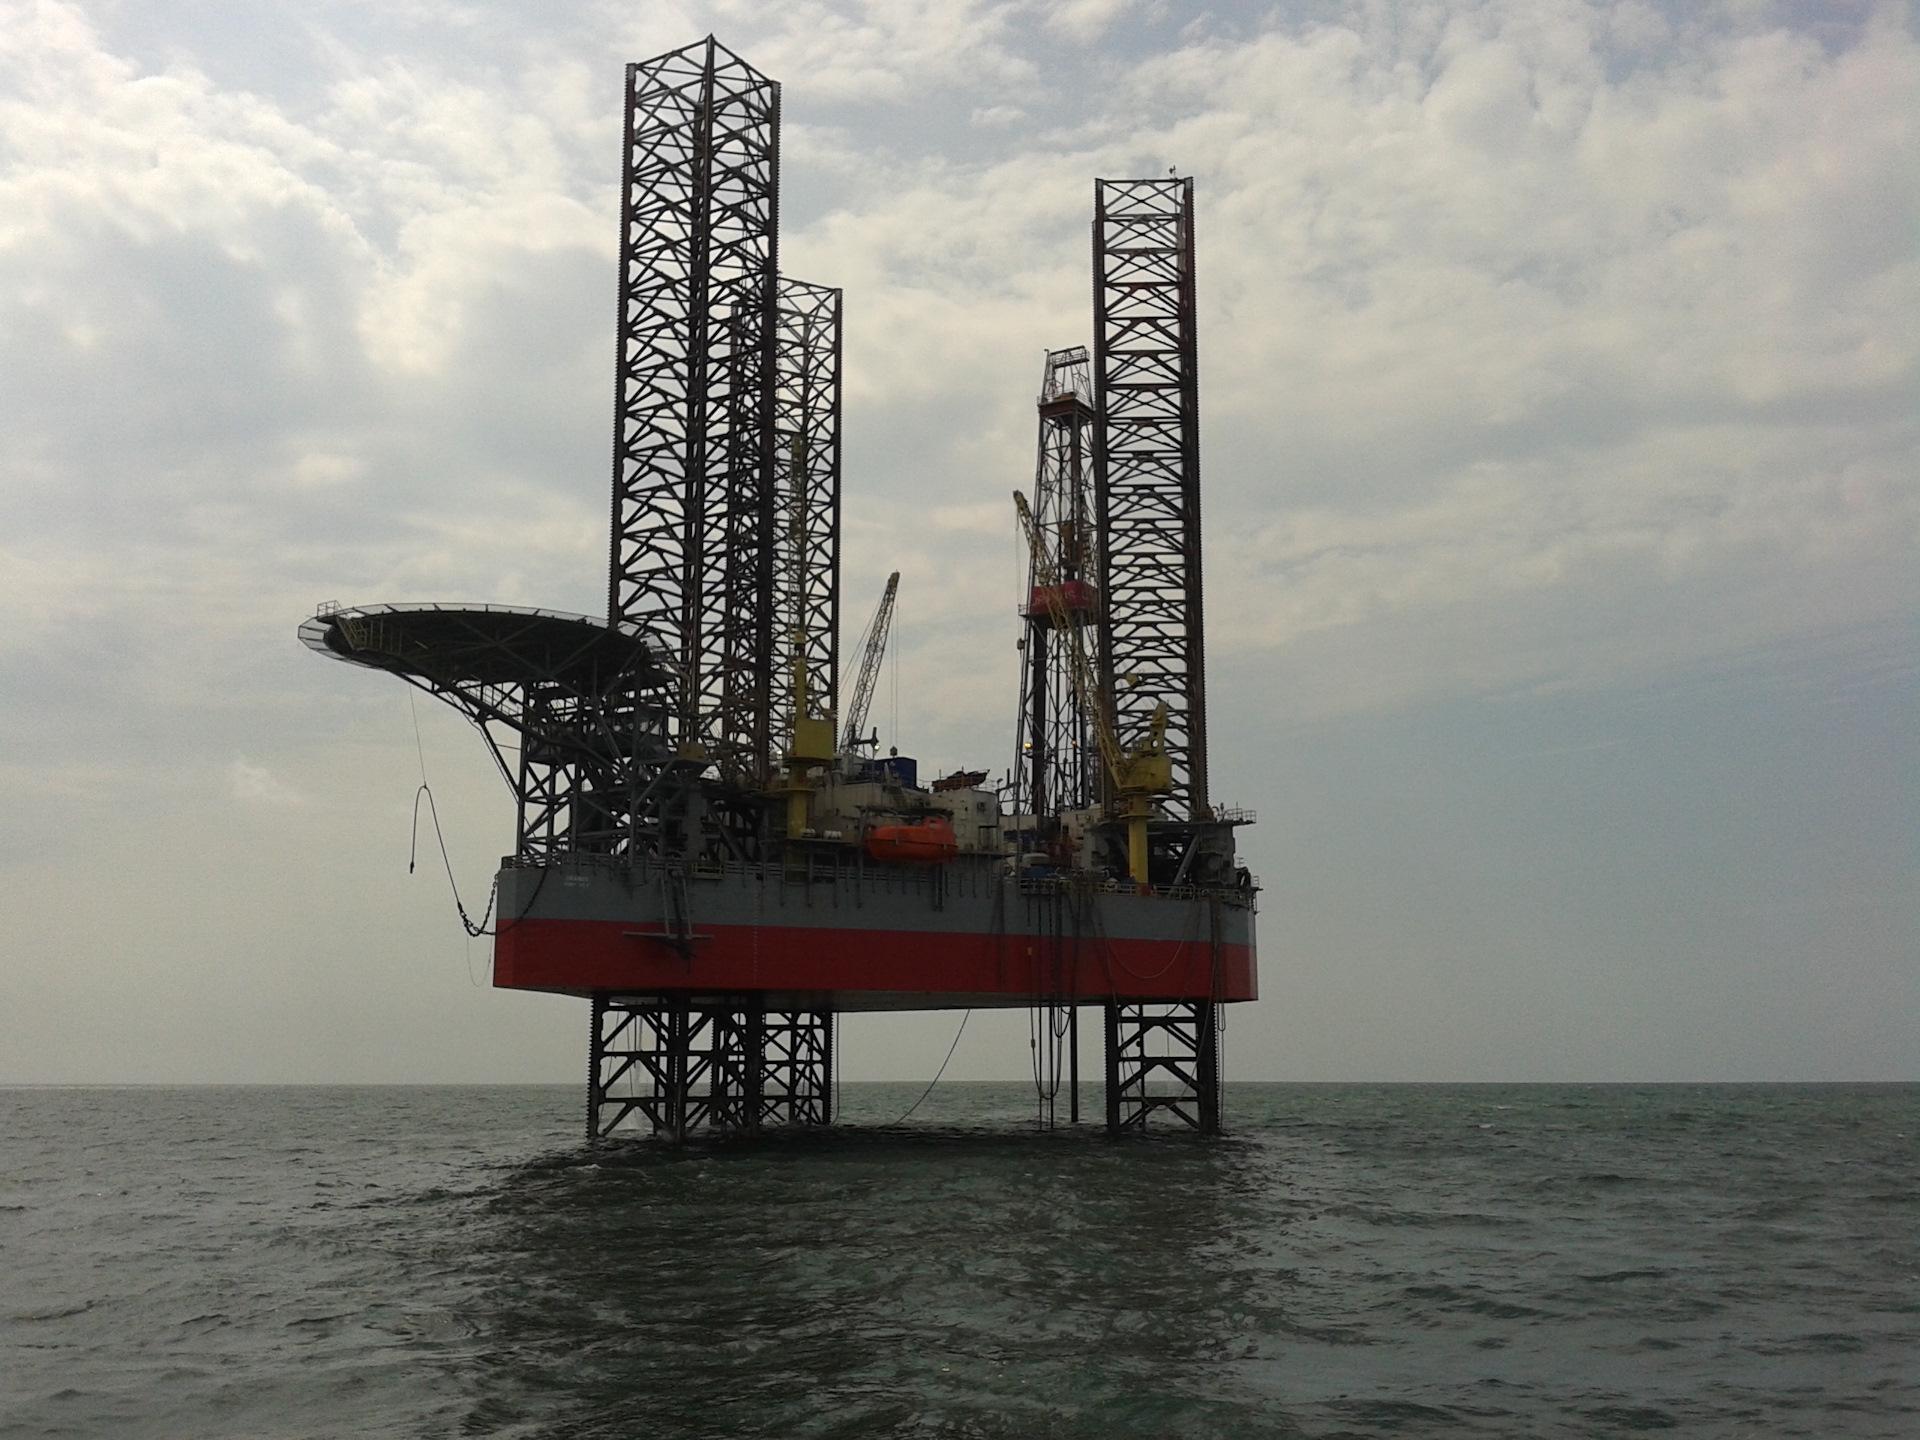 Азовское море попало в зону чернобыля в 1986 году